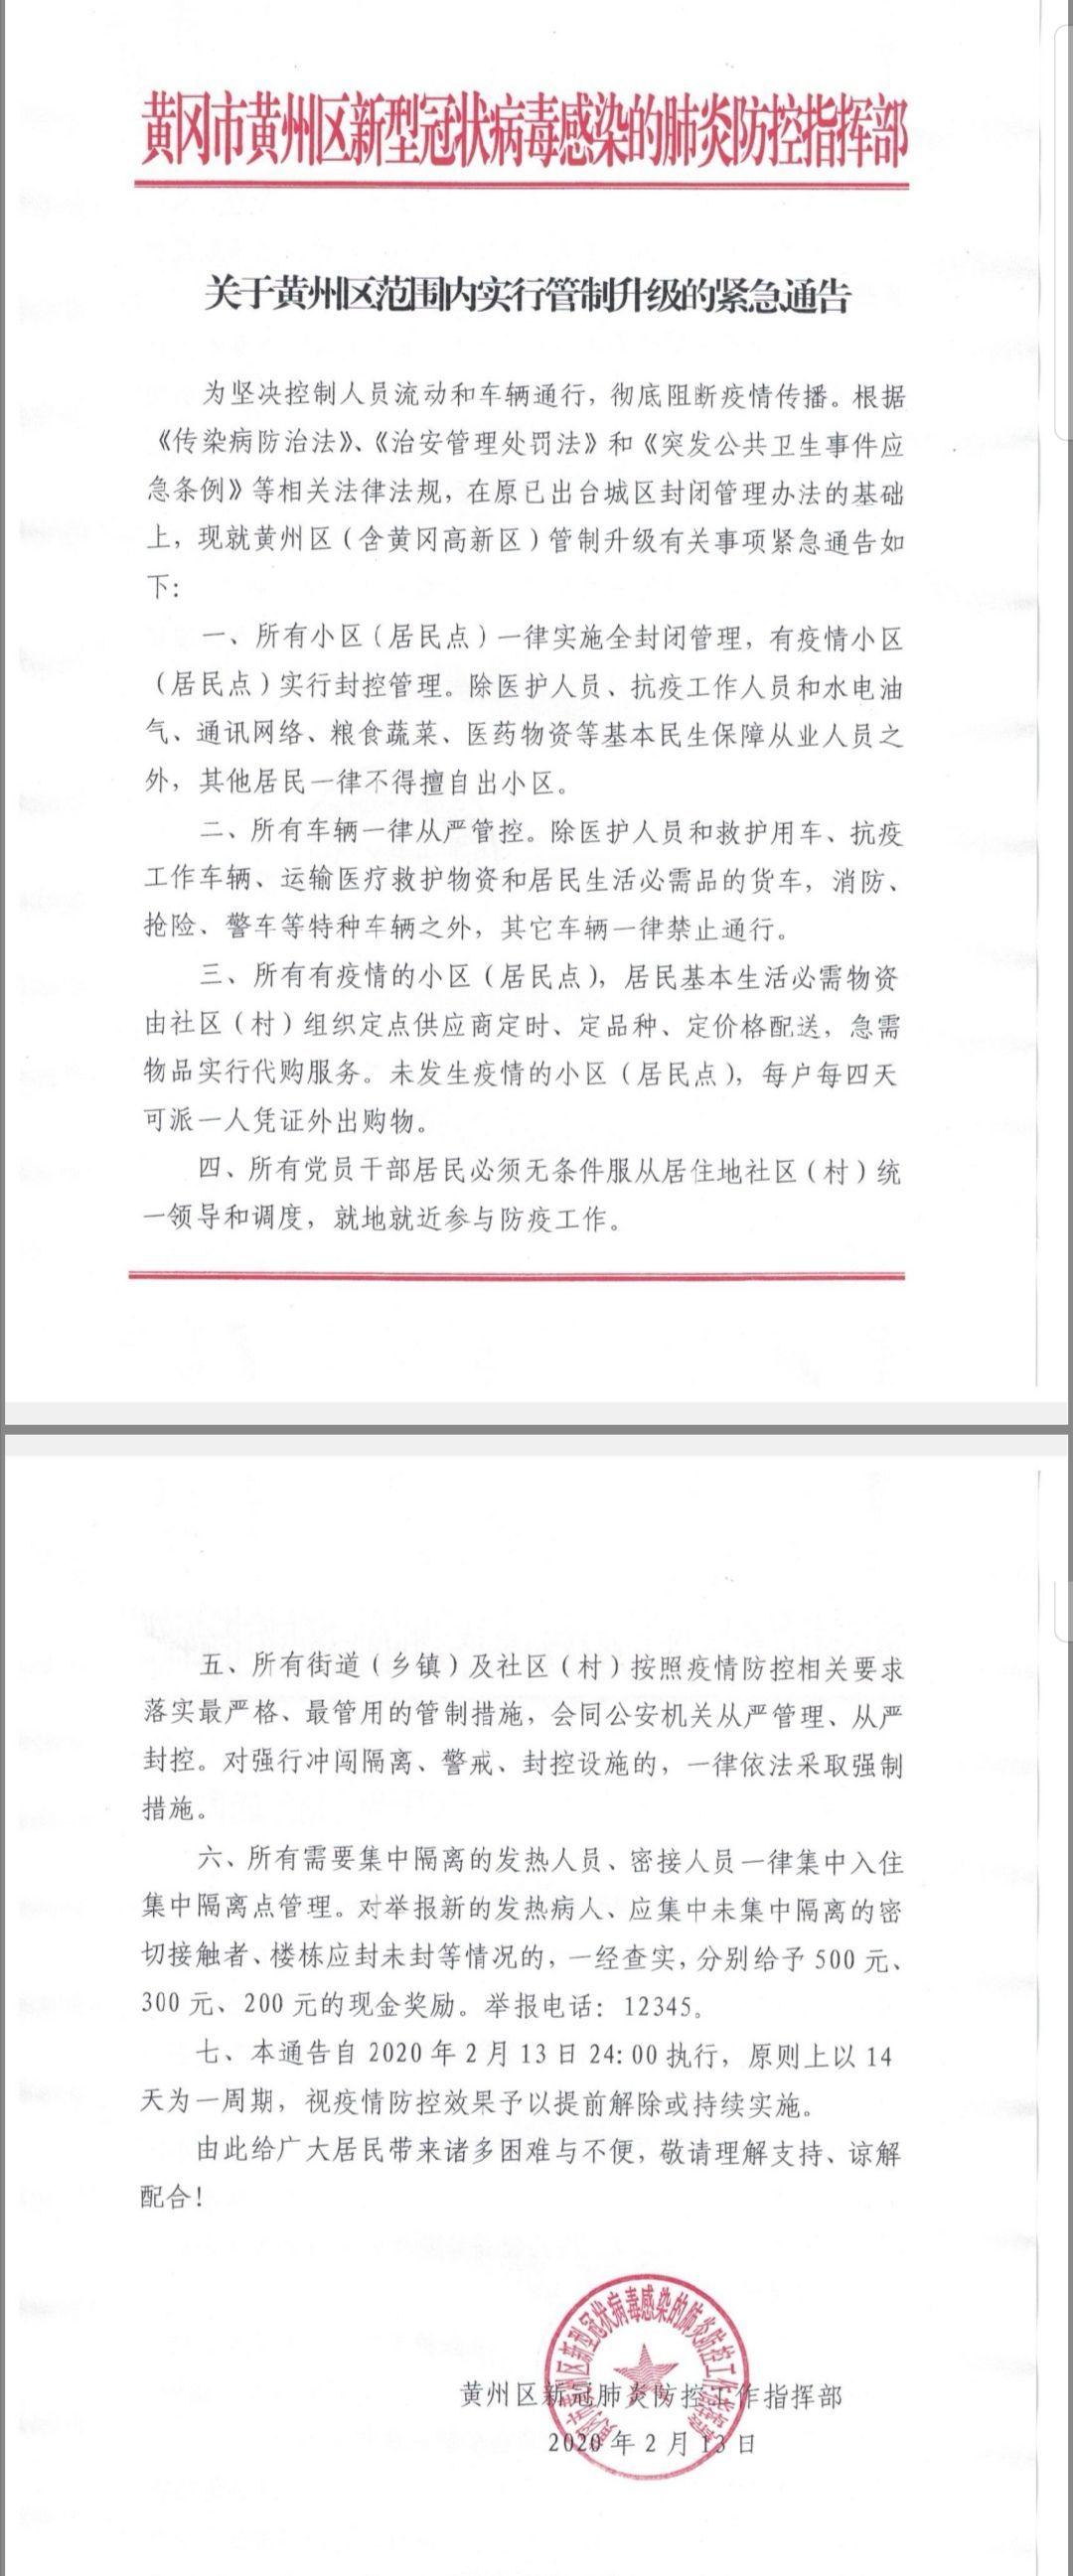 黄冈小区最新消息:黄冈所有小区实施全封闭管理